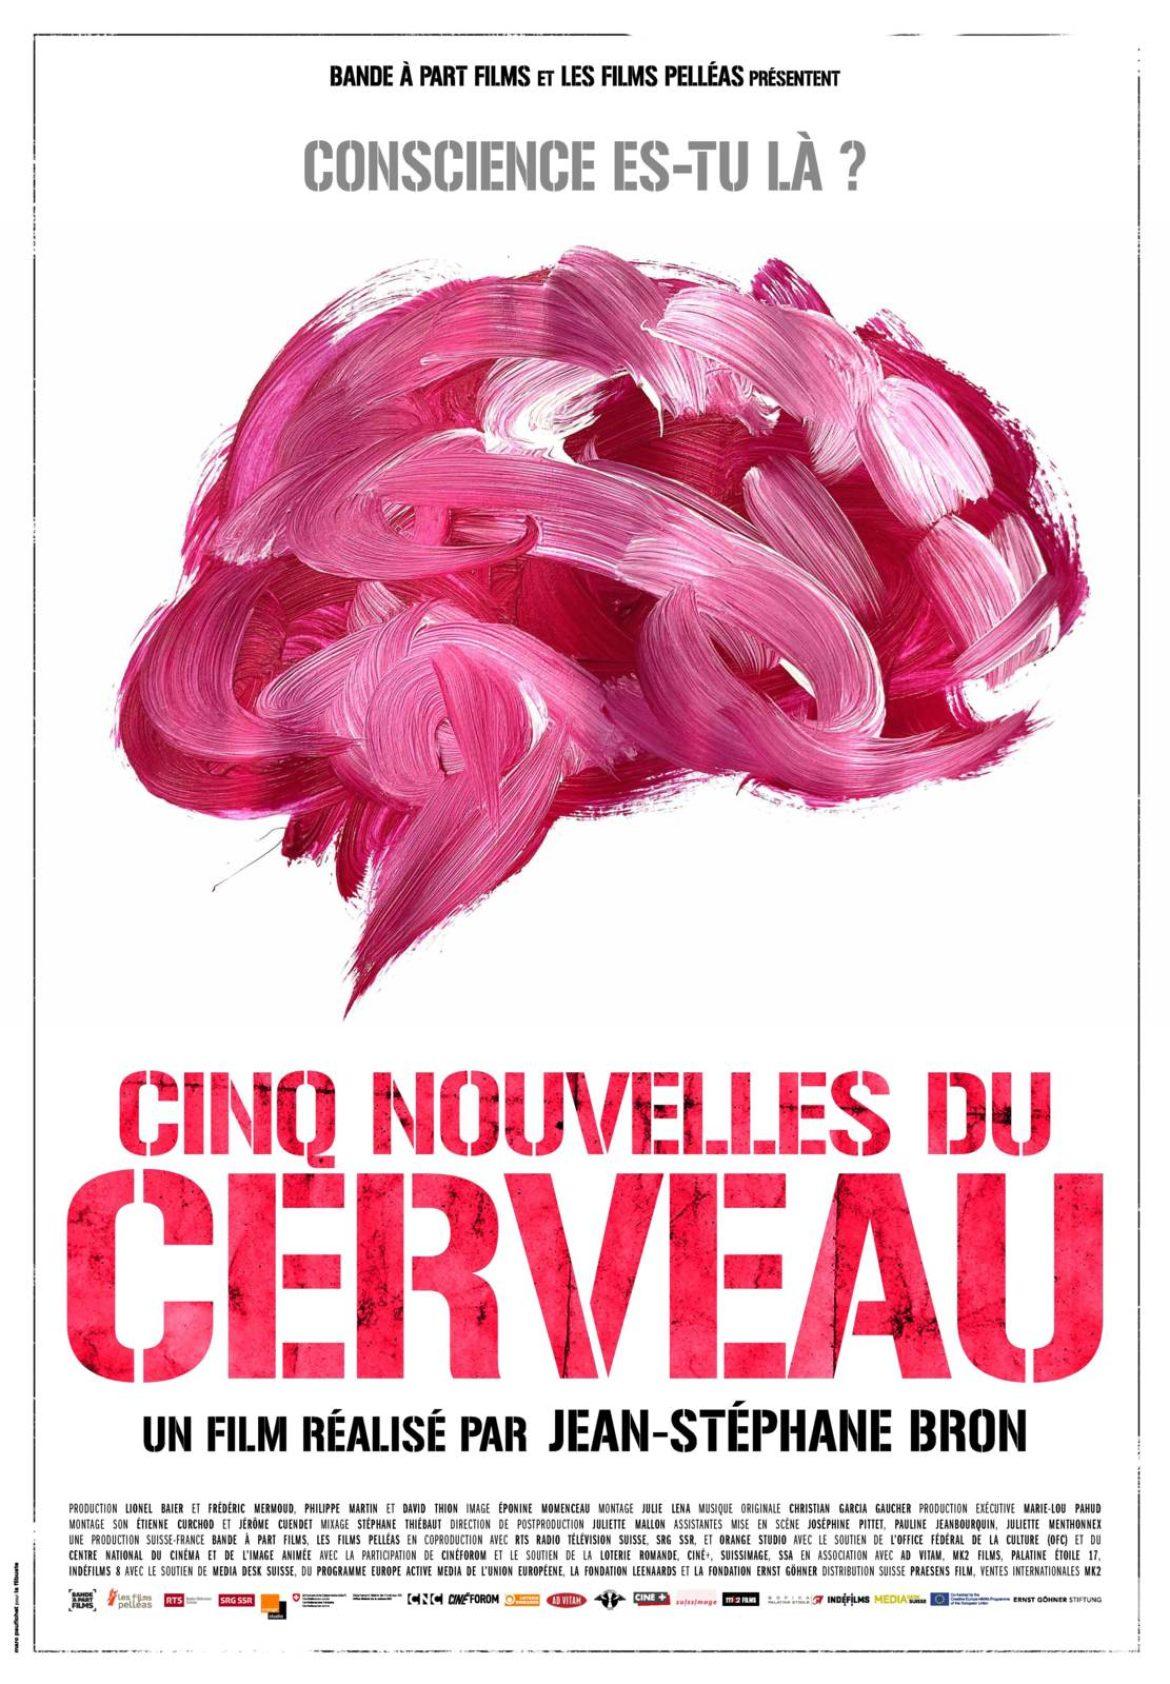 Cinq Nouvelles du Cerveau